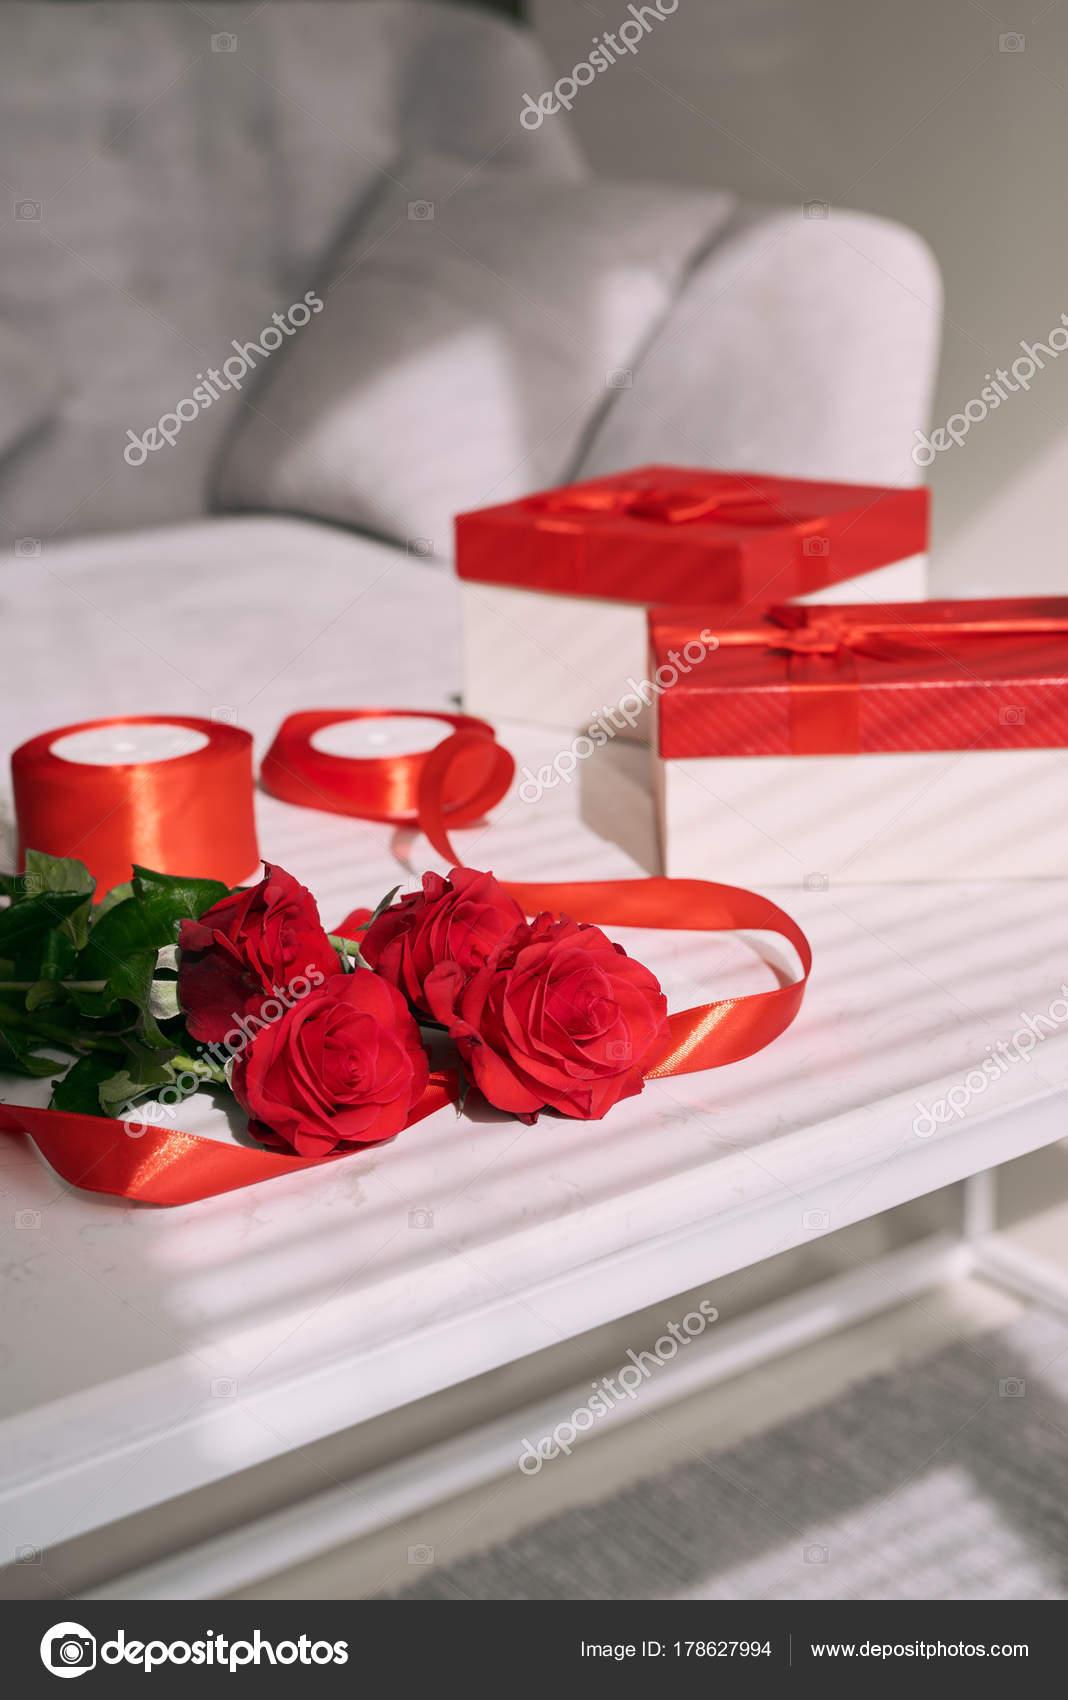 Valentinstag Grusskarte Rote Rosen Und Geschenk Box Auf Tisch